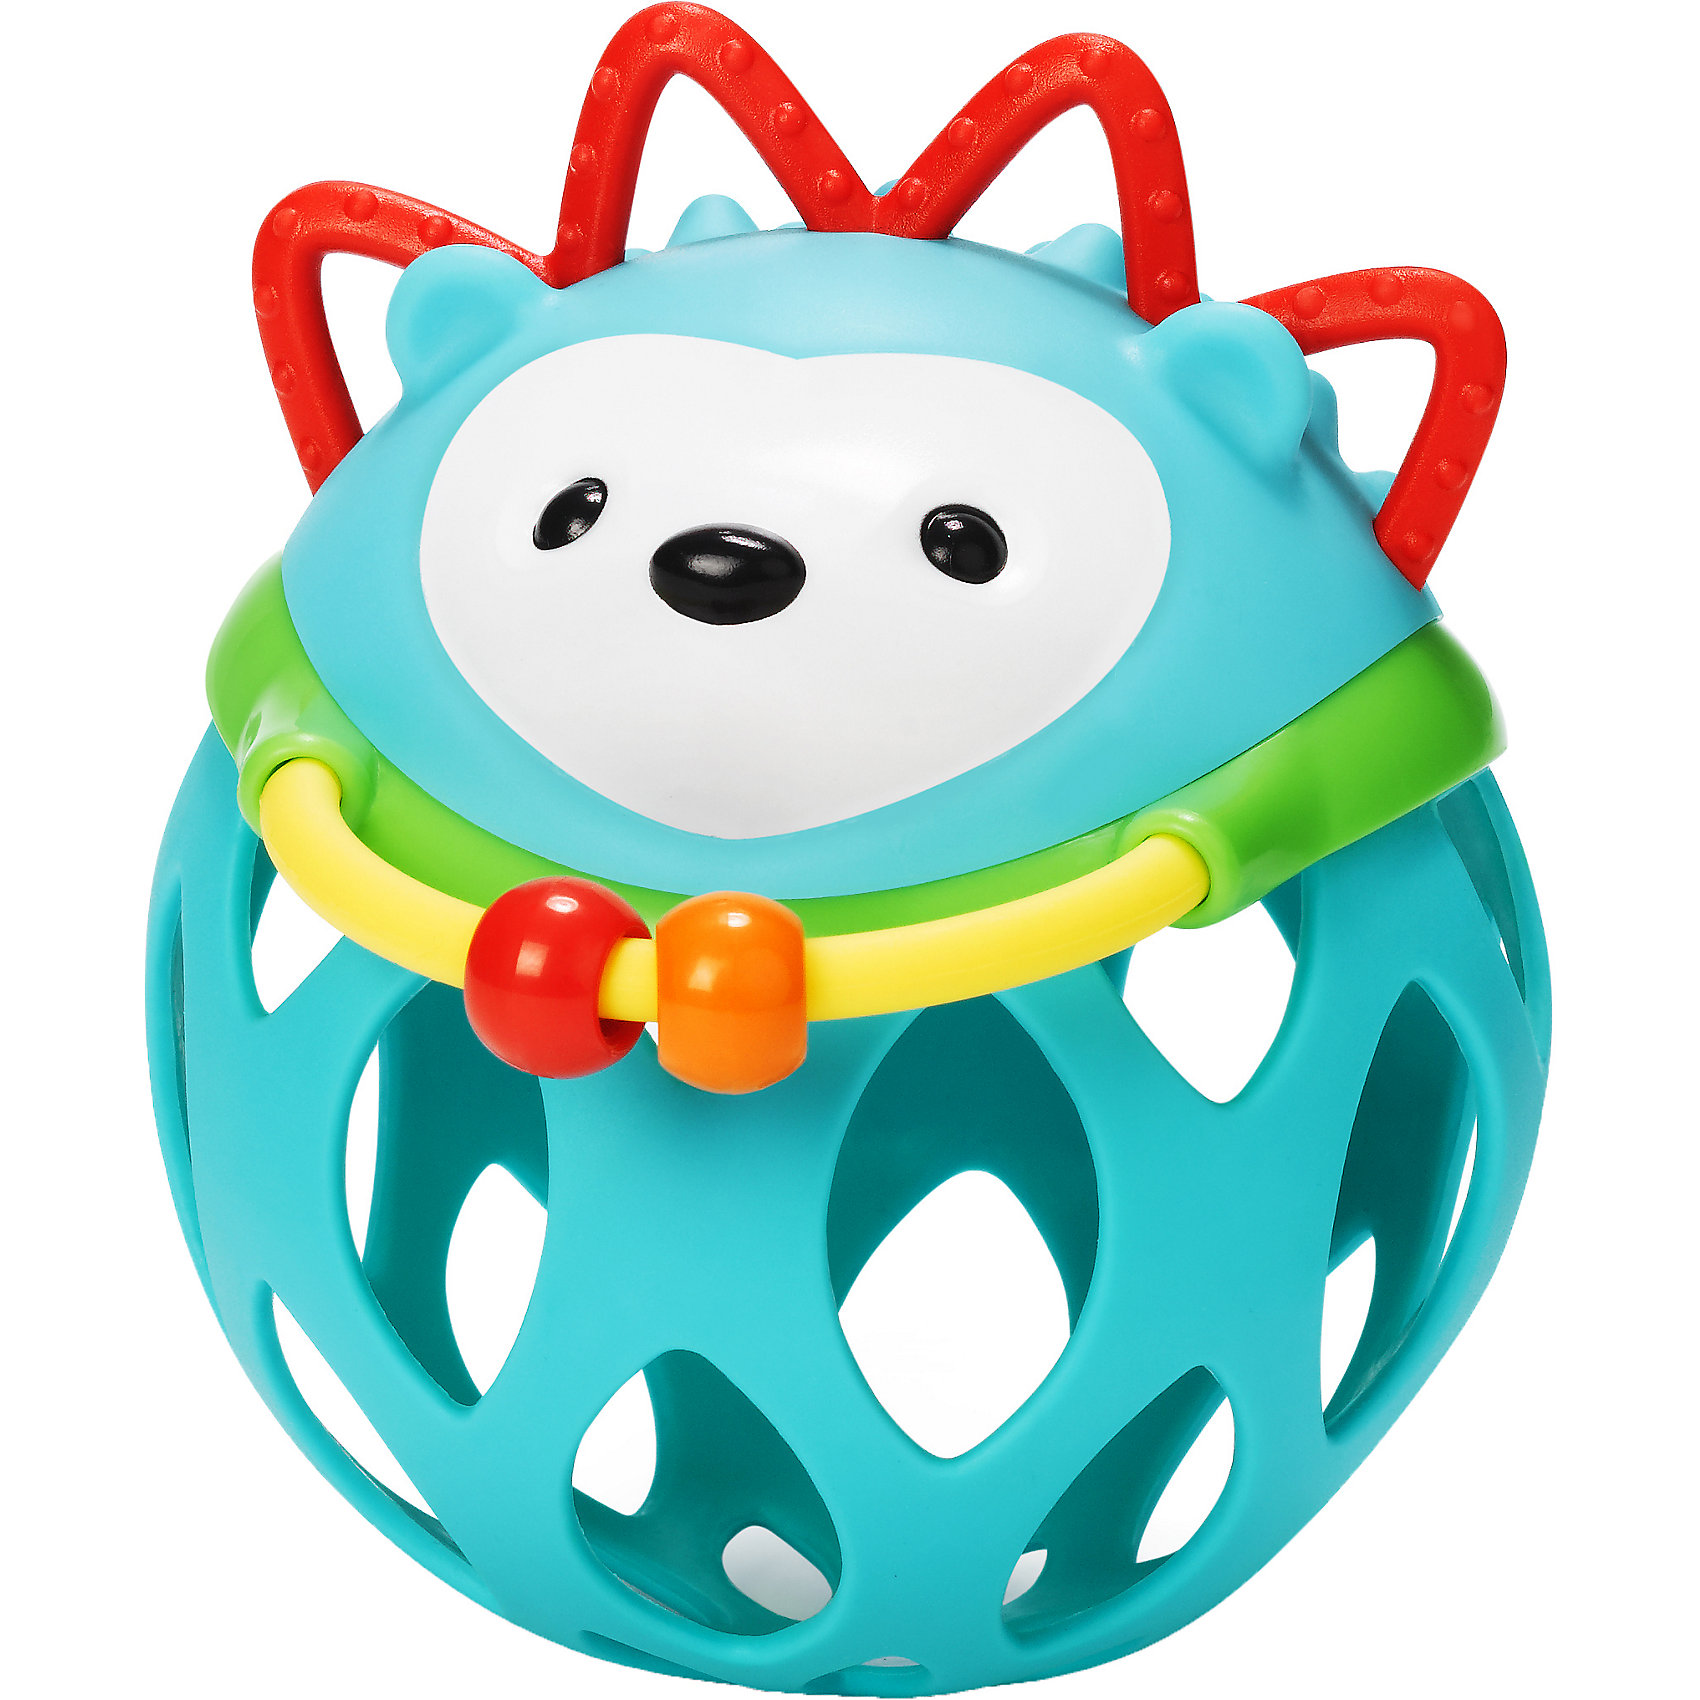 Игрушка-погремушка Шар-ежик, Skip HopИгрушки для малышей<br>SH 303101 Игрушка-погремушка Шар-ежик.Развивающая игрушка в виде ёжика обязательно понравится вашему малышу! Гибкий низ игрушки со специальными отверстиями помогут развить ловкость и моторику ручек. Такую погремушку можно катать, трясти и подбрасывать. Имеет прорезиненные детали для прорезывания зубов. <br>Бренд: SKIP HOP (США)<br>Возрастная группа: 3m+ <br>Категории развития: Хватательный рефлекс <br>Материал: Пластик <br>Пол: Универсальный<br><br>Ширина мм: 181<br>Глубина мм: 144<br>Высота мм: 91<br>Вес г: 127<br>Цвет: mehrfarbig<br>Возраст от месяцев: 1<br>Возраст до месяцев: 36<br>Пол: Унисекс<br>Возраст: Детский<br>SKU: 3971270